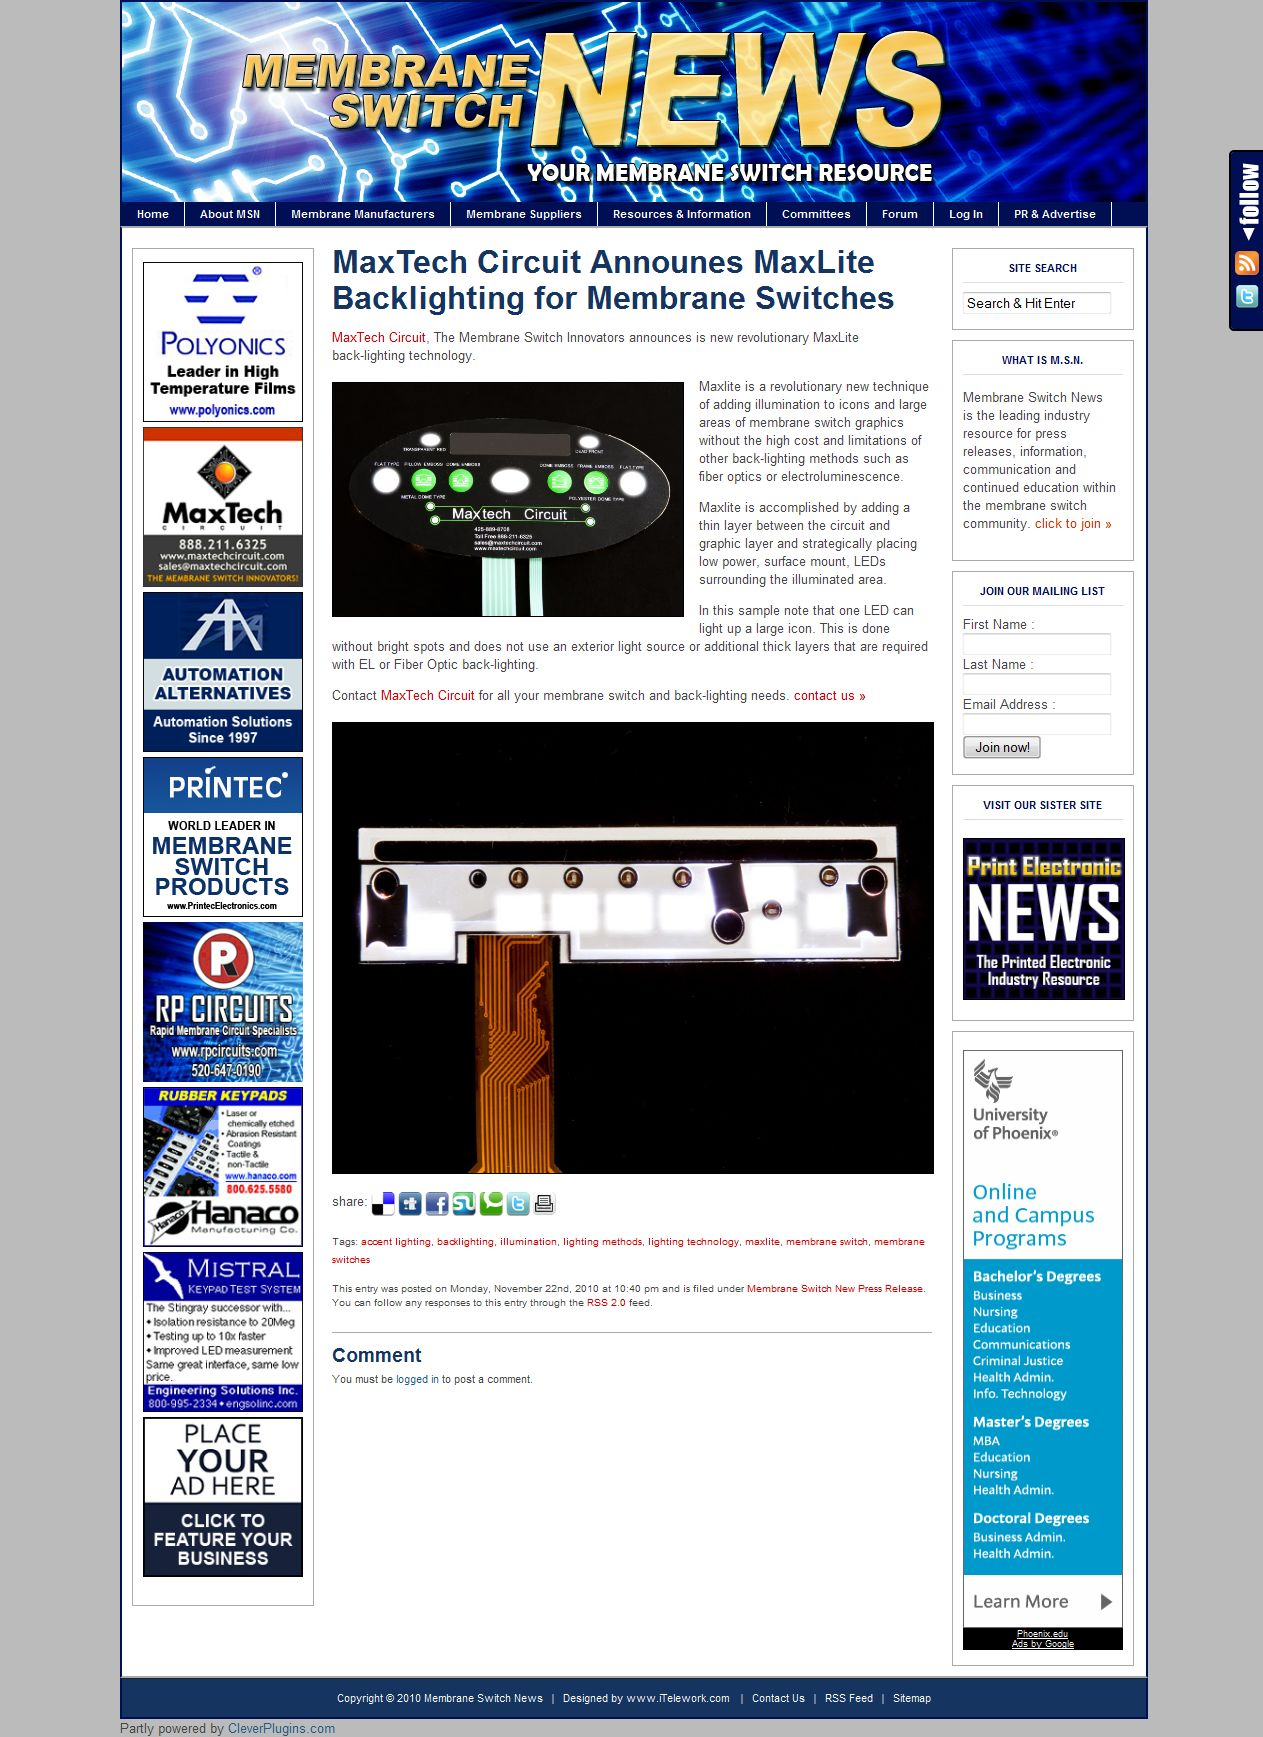 membraneswitchnews-com2_